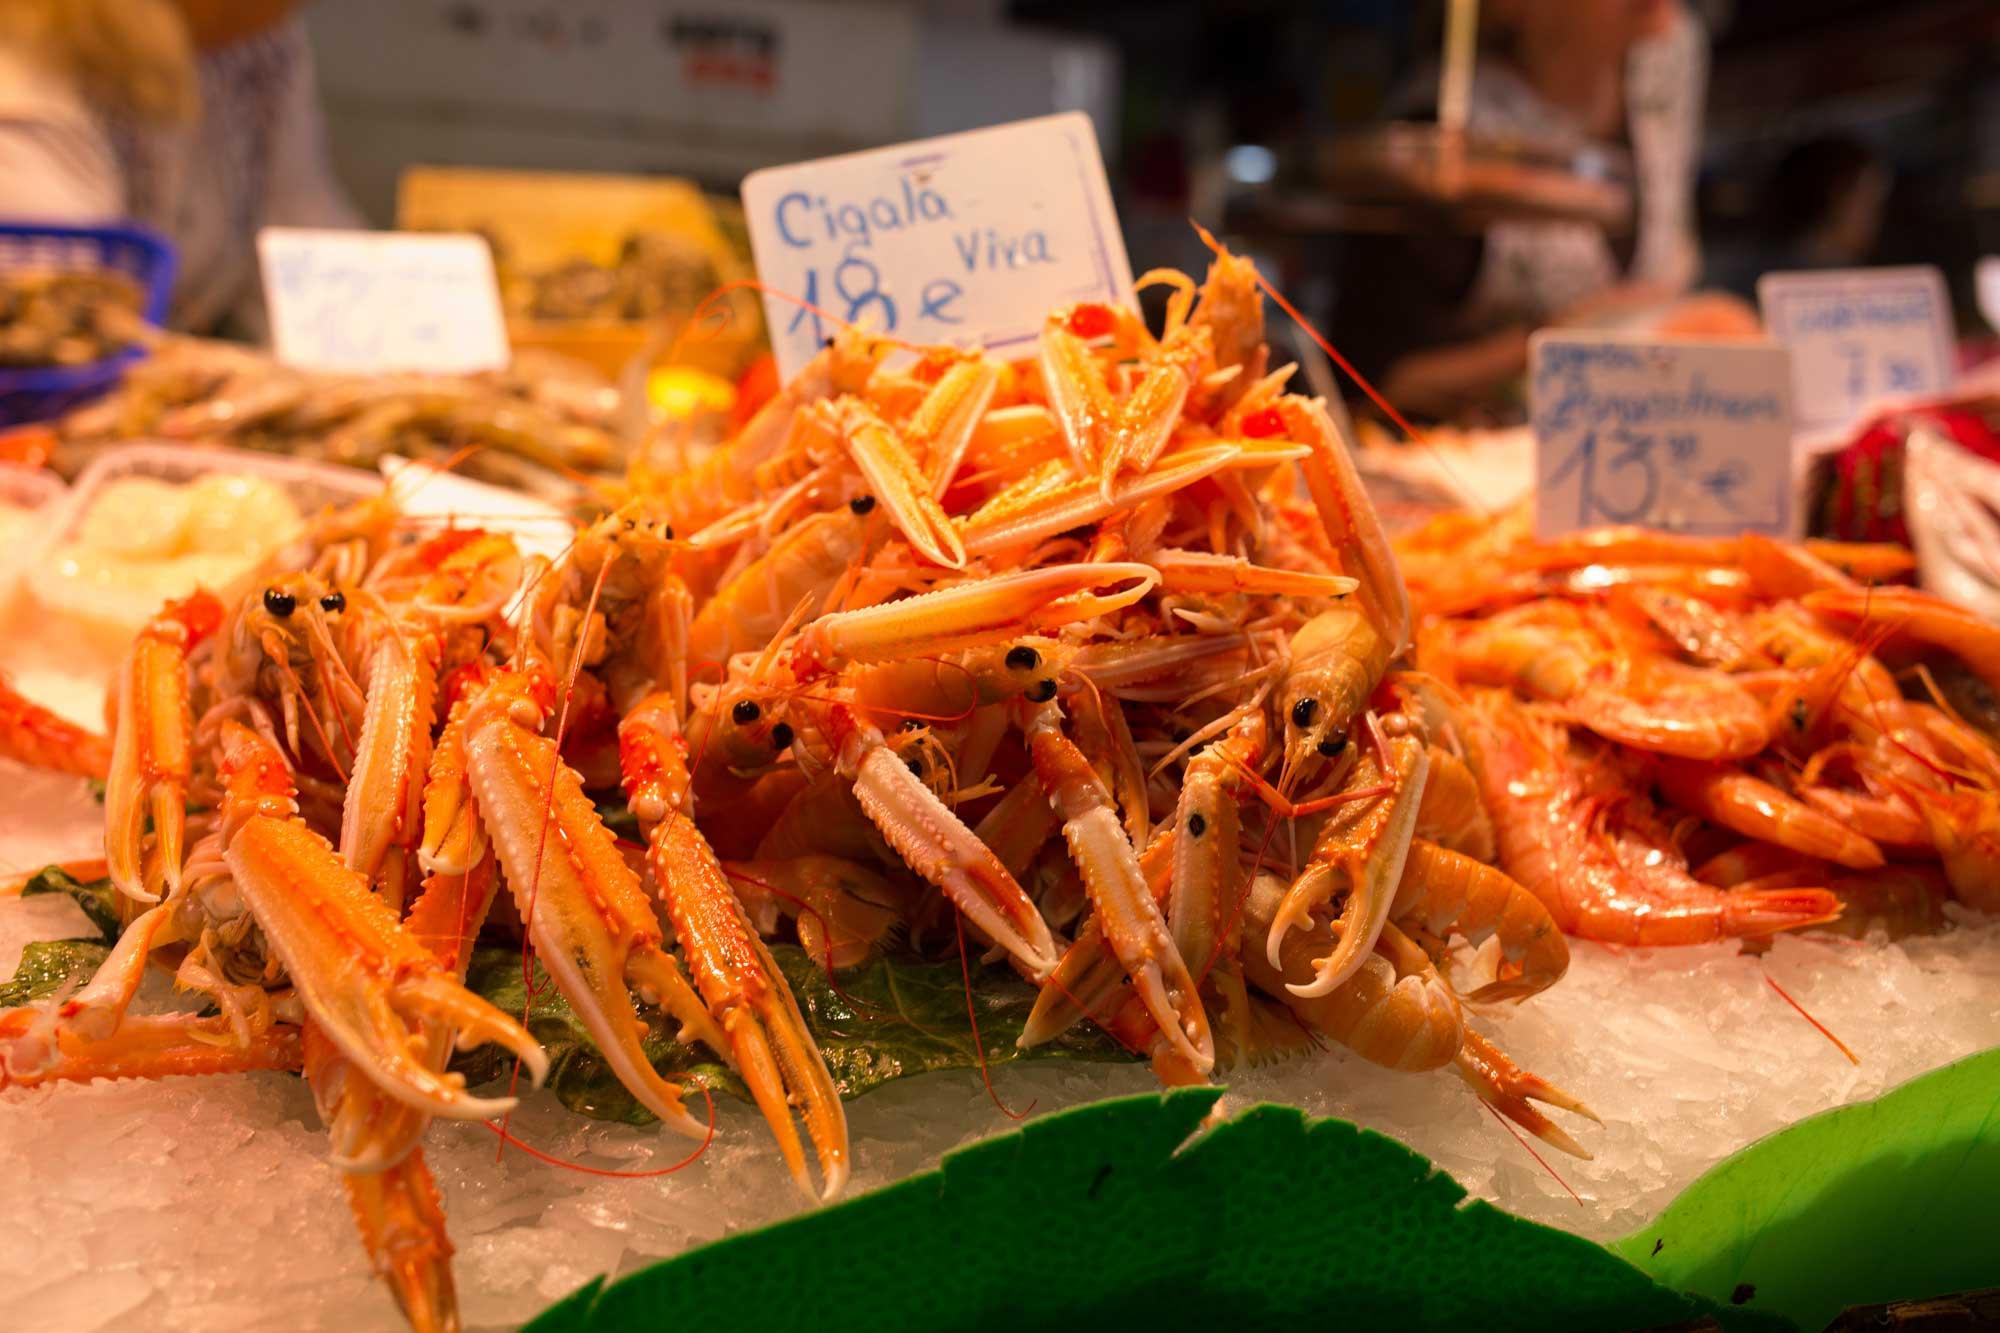 2014 — Fresh seafood at the Mercat de la Boqueria